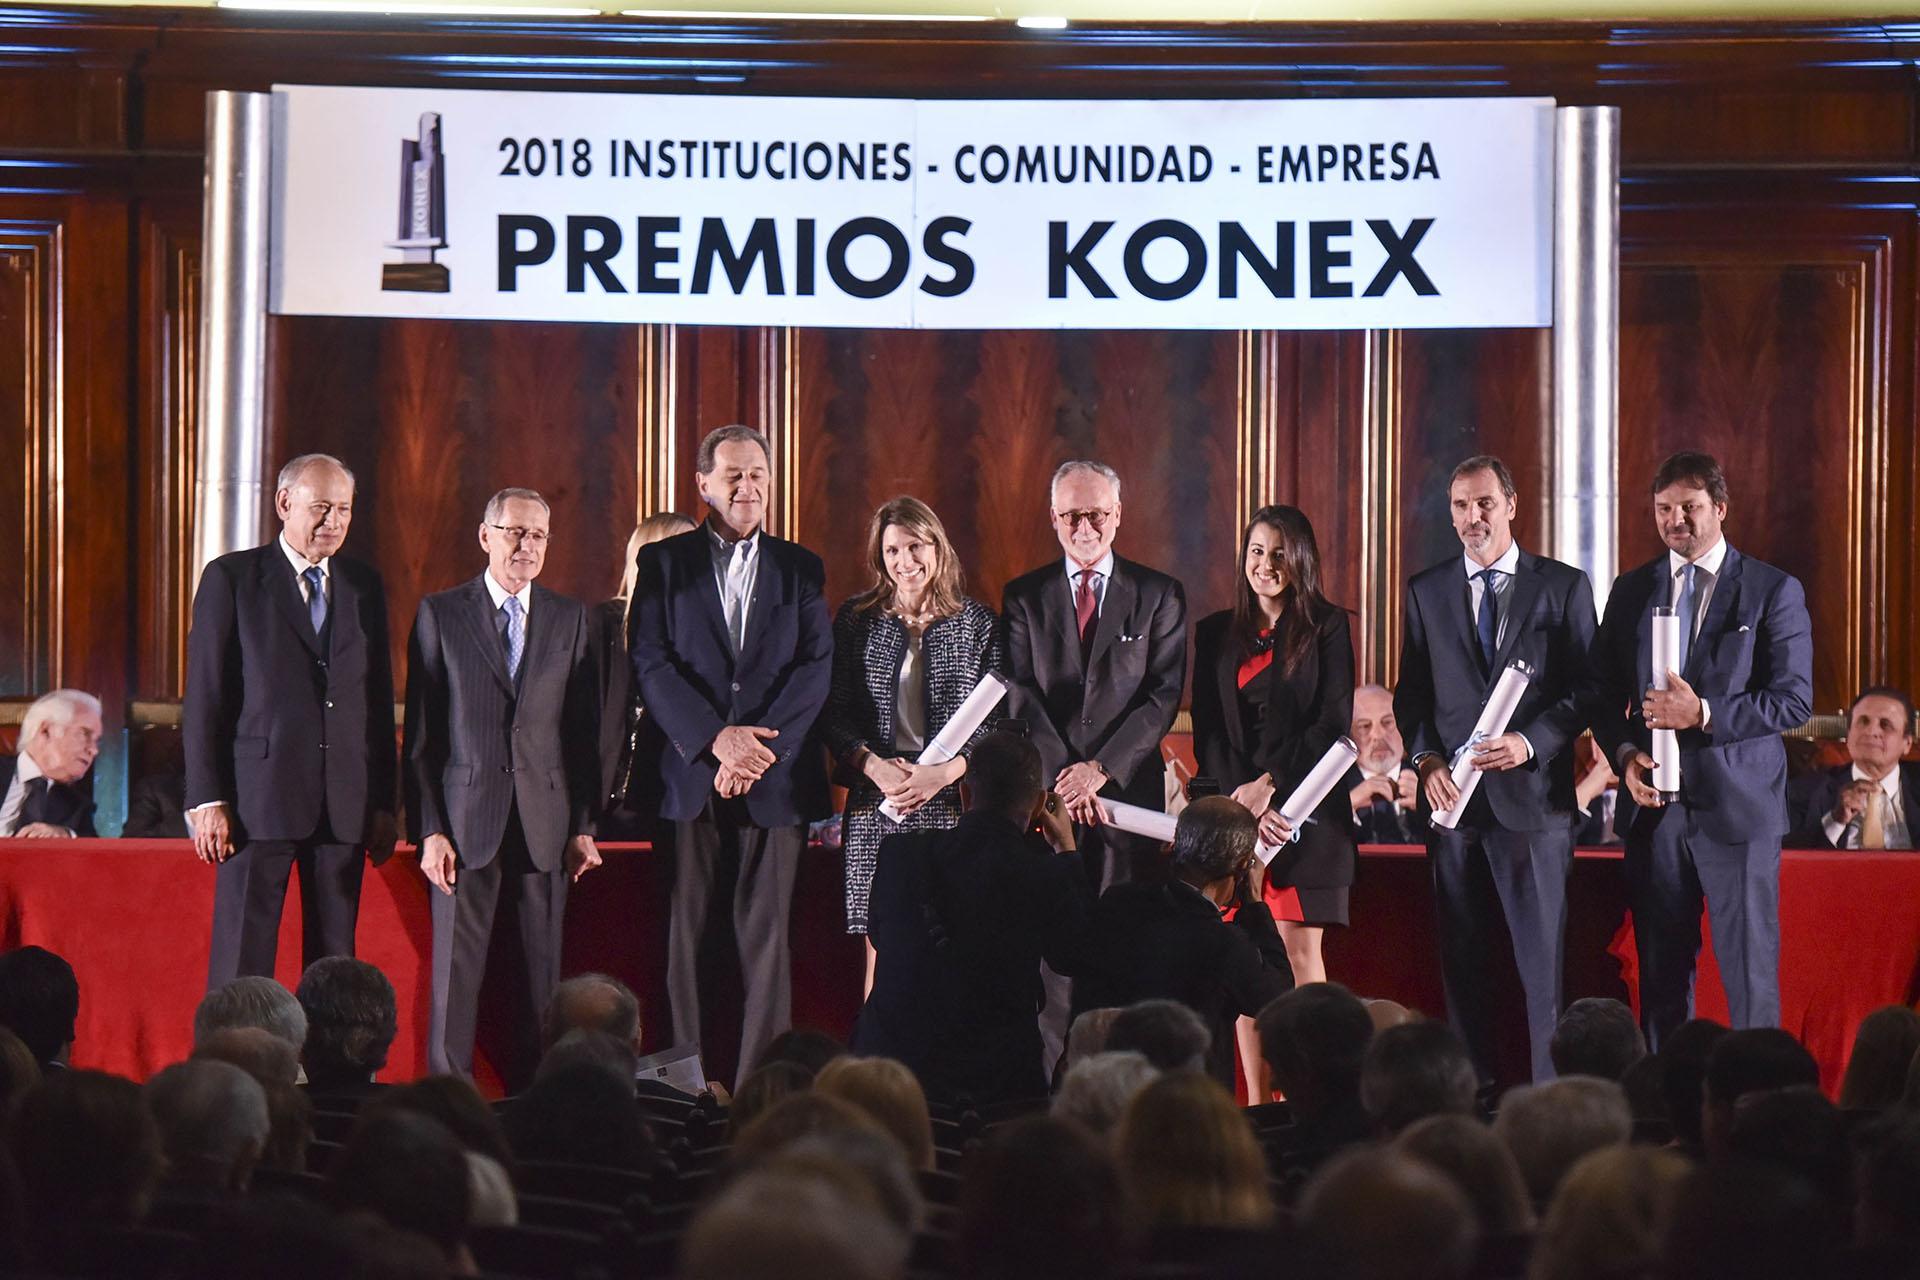 Ejecutivos de la Industria: Isela Costantini, Guillermo Hang, Daniel Herrero, Miguel Kozuszok y Gastón Remy